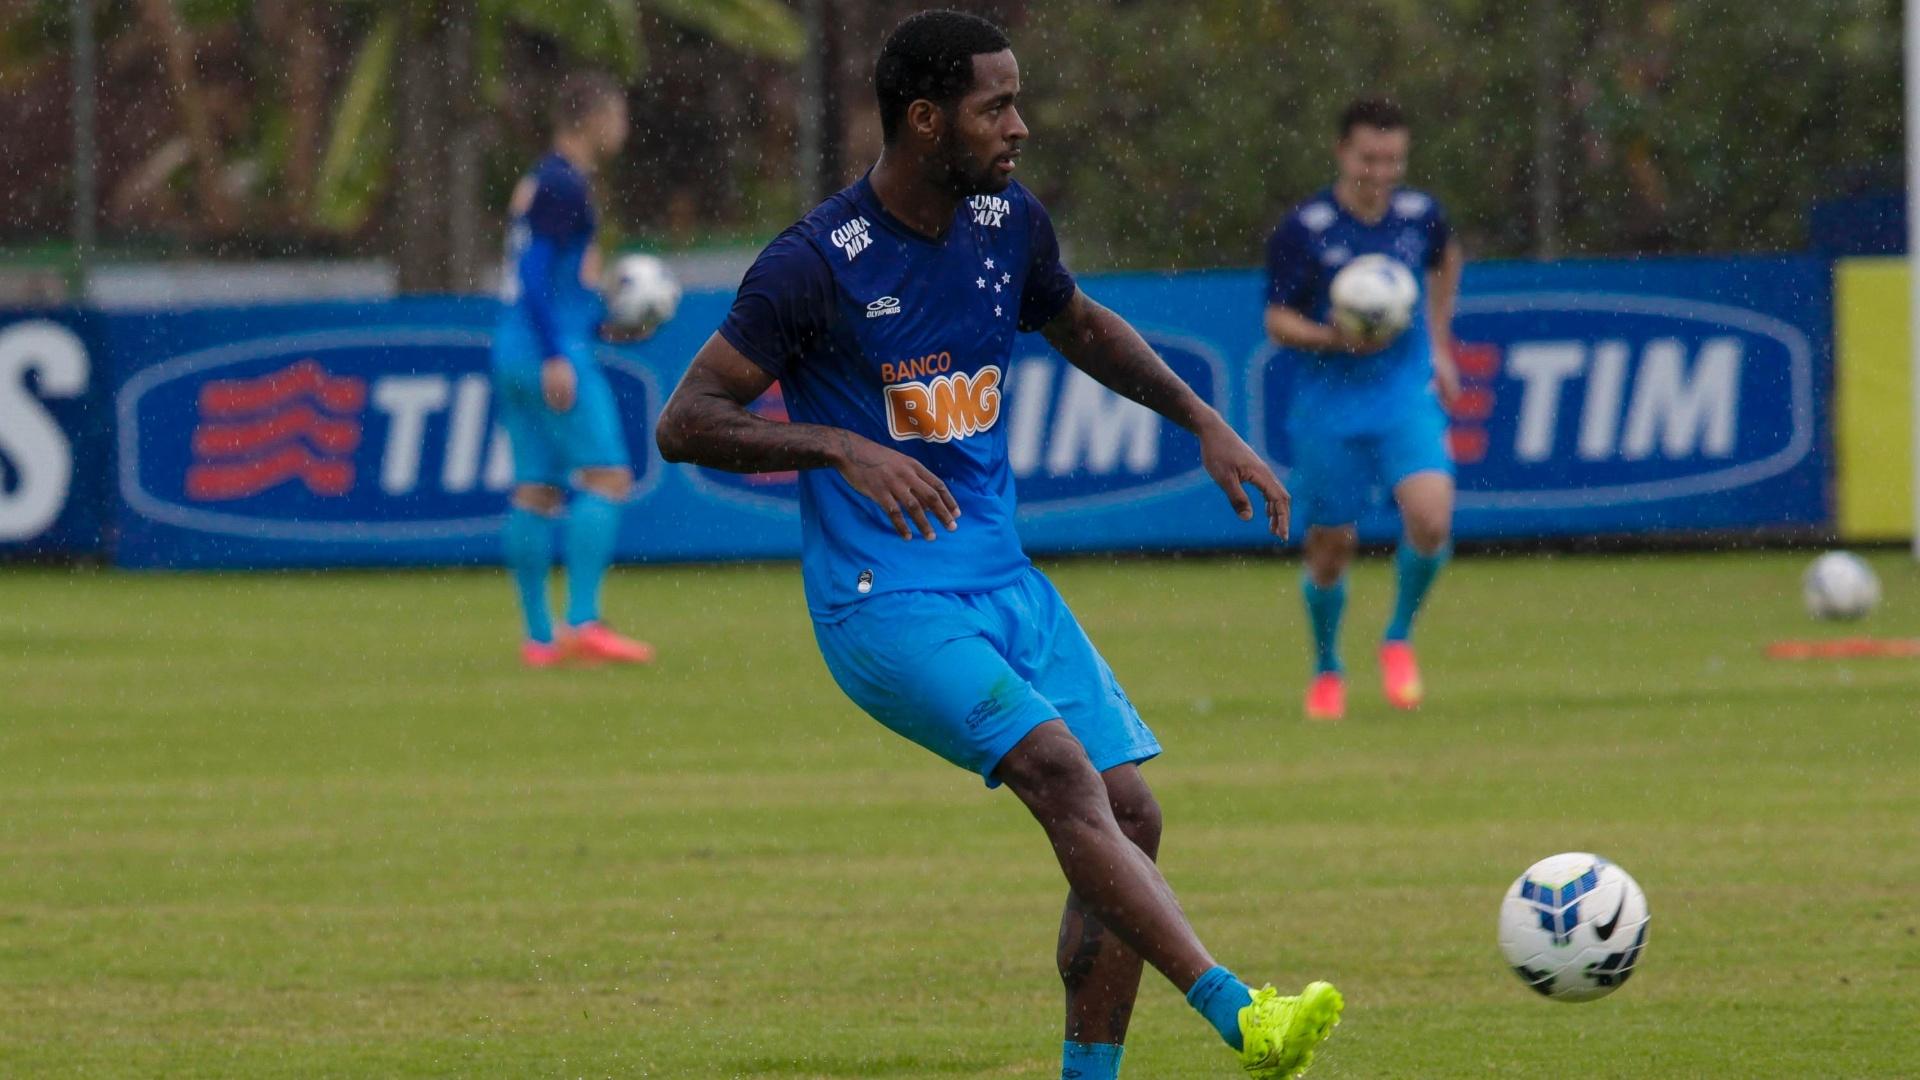 25 Jul 2014 - Zagueiro Dedé volta a jogar pelo Cruzeiro depois de dois meses e sabe que disputa pela condição de titular está muito acirrada